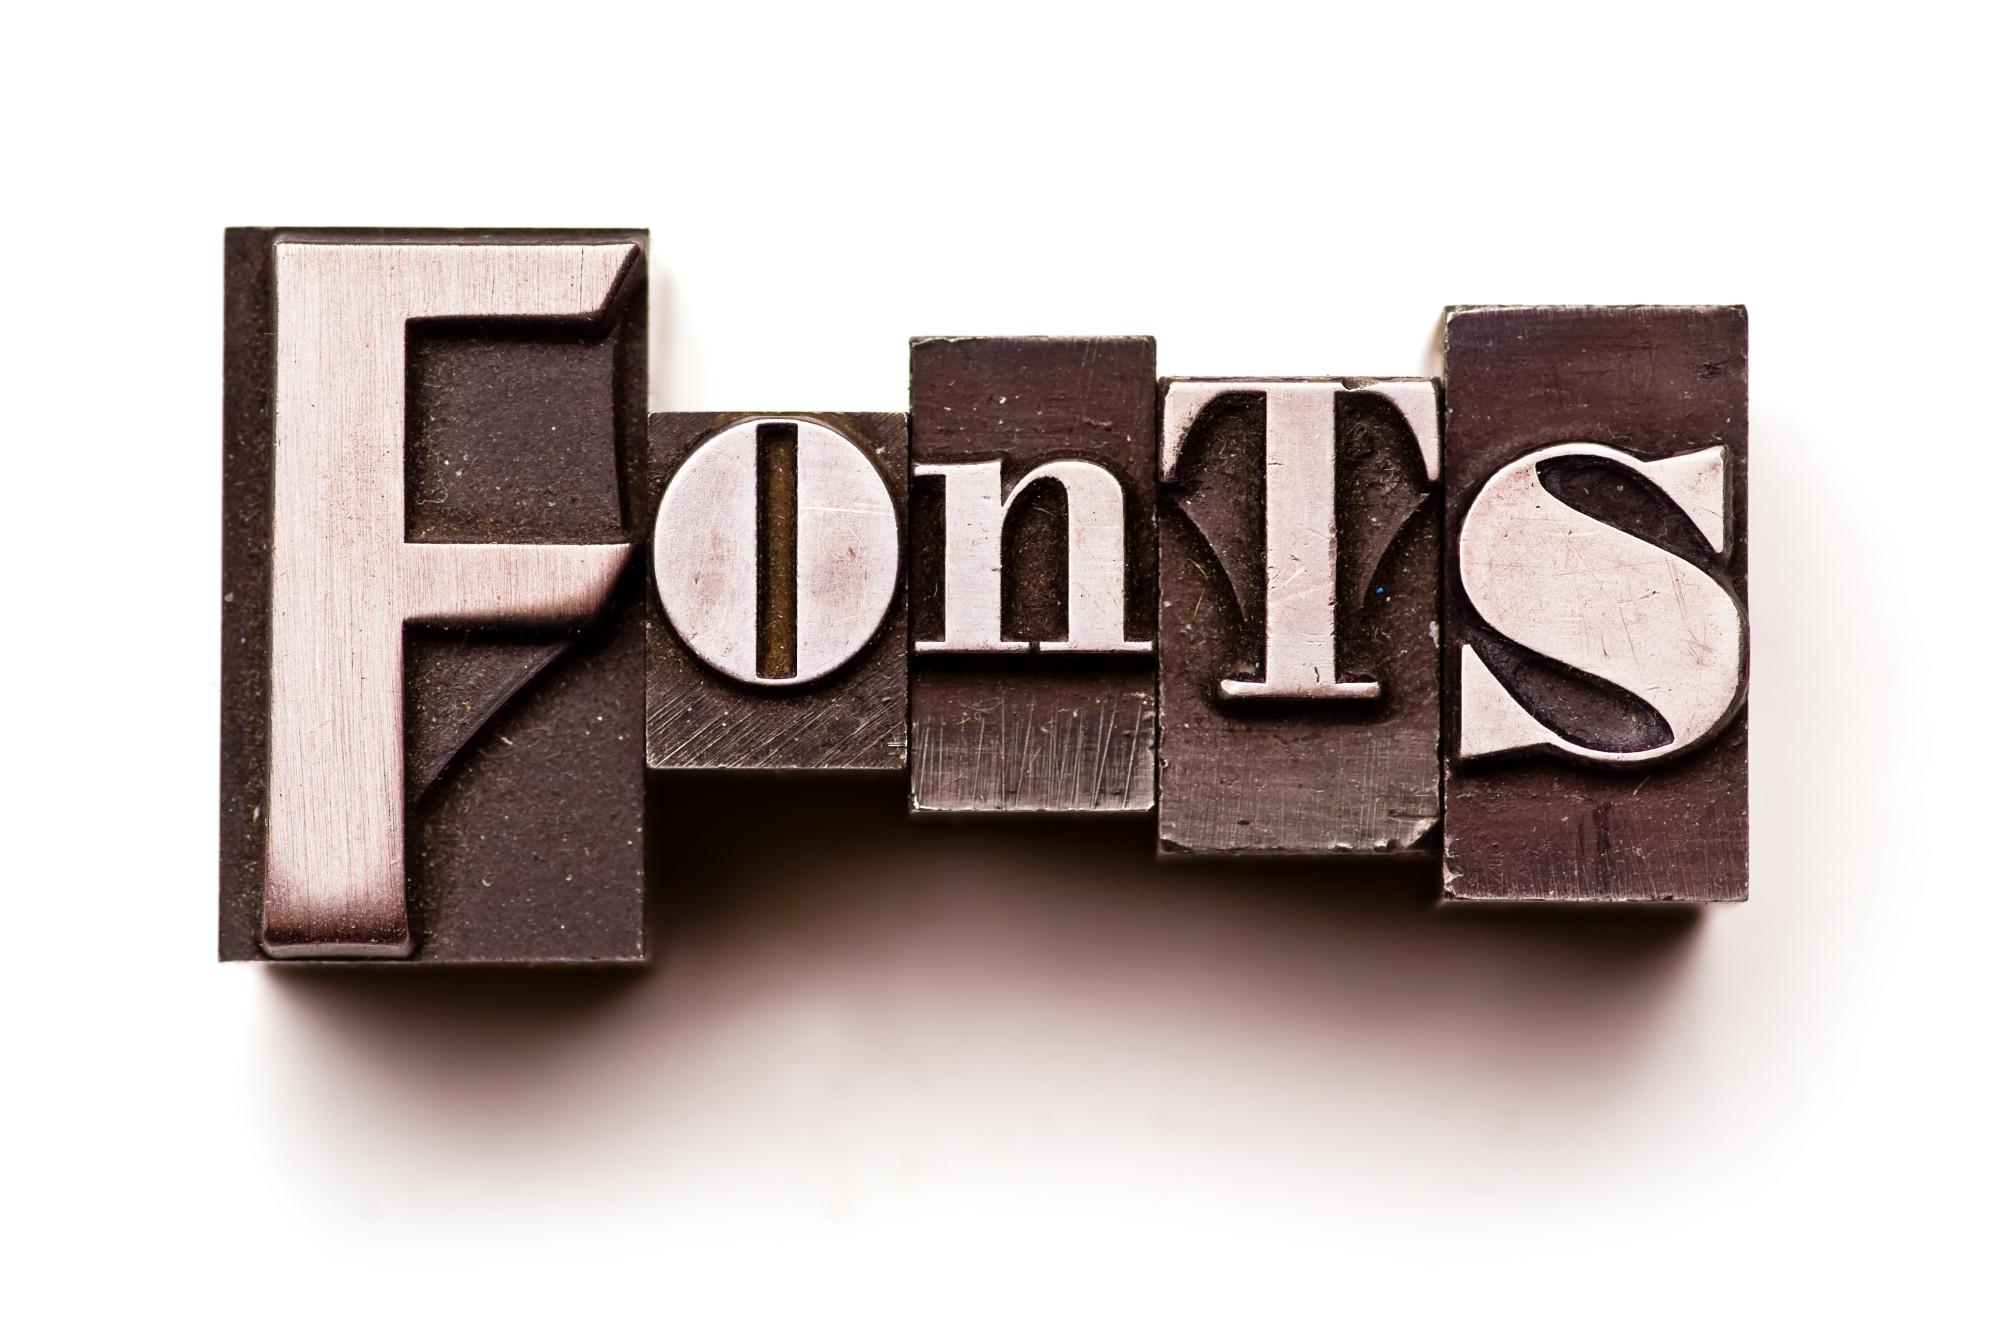 Top 5 Free Text Generator Tools for Fancy Fonts - BelleNews com